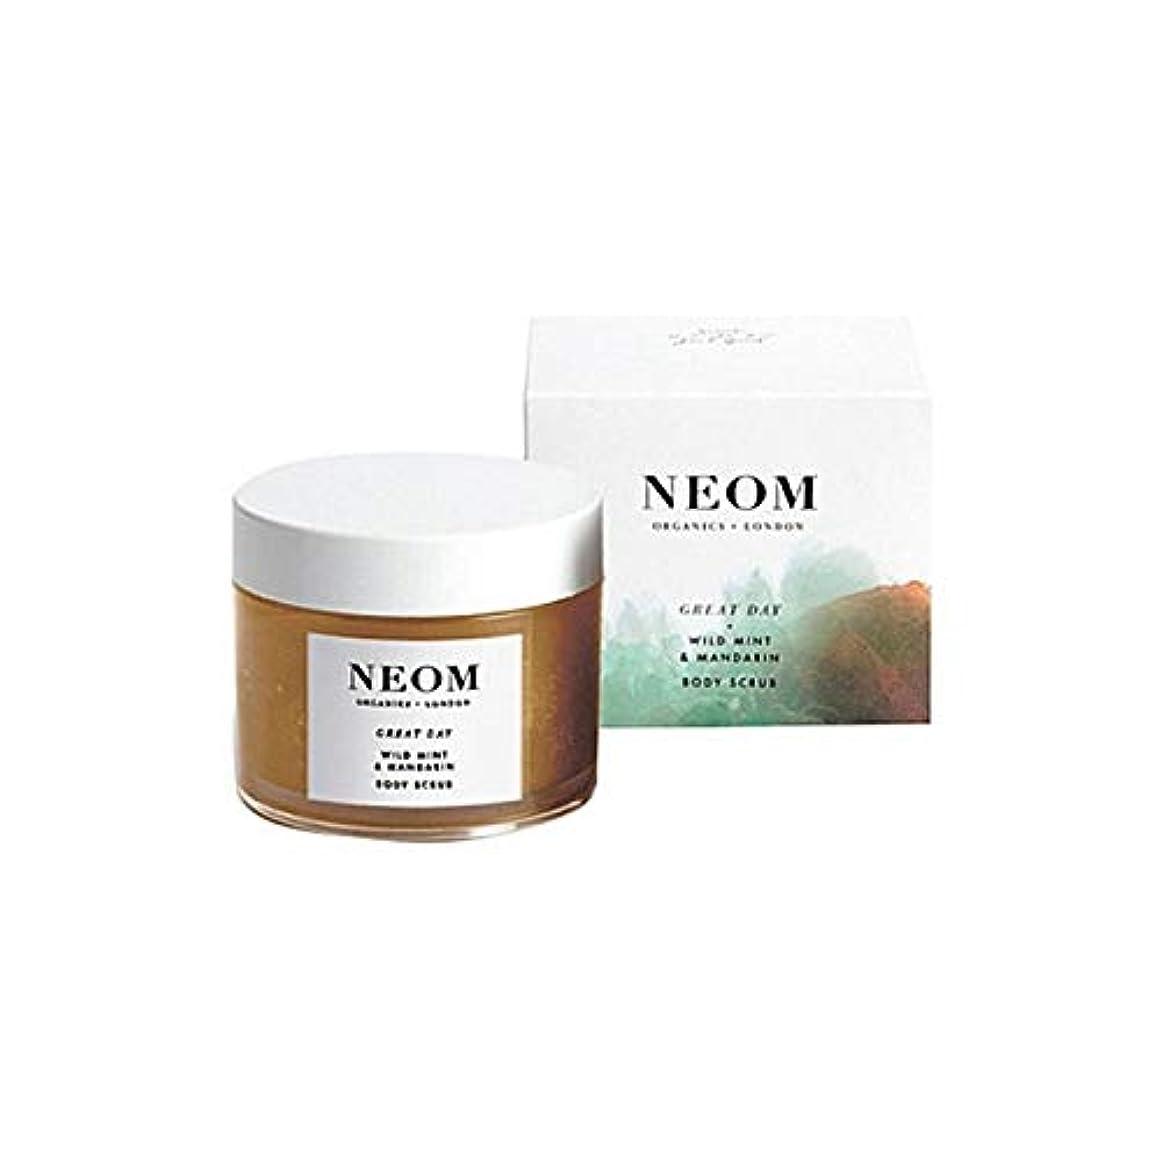 別れるマイクロも[Neom] Neom高級有機物素晴らしい一日ボディスクラブ332グラム - Neom Luxury Organics Great Day Body Scrub 332G [並行輸入品]